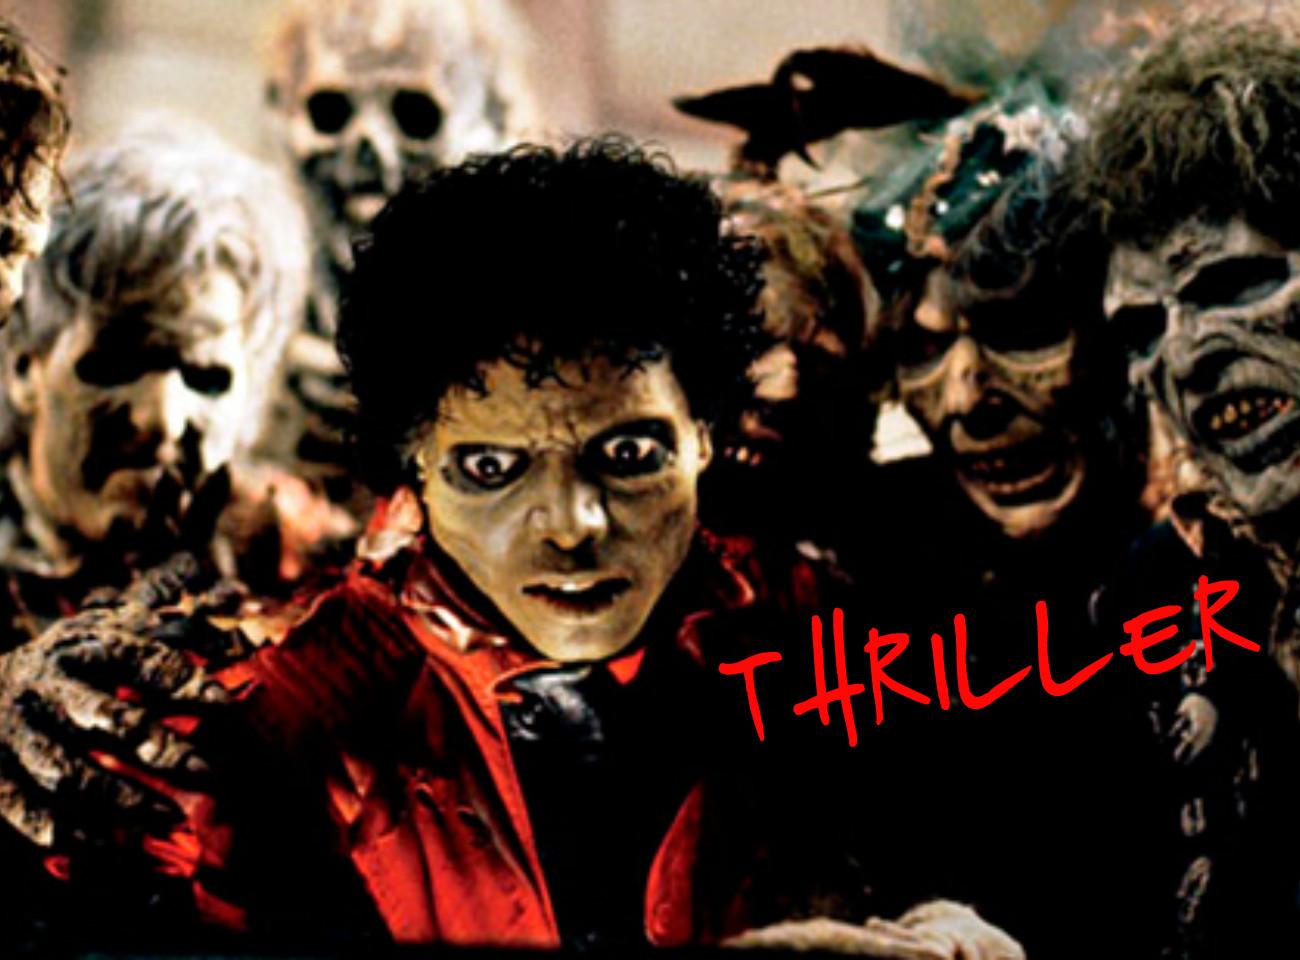 """El videoclip """"Thriller"""" de Michael Jackson tendrá versión en 3D"""